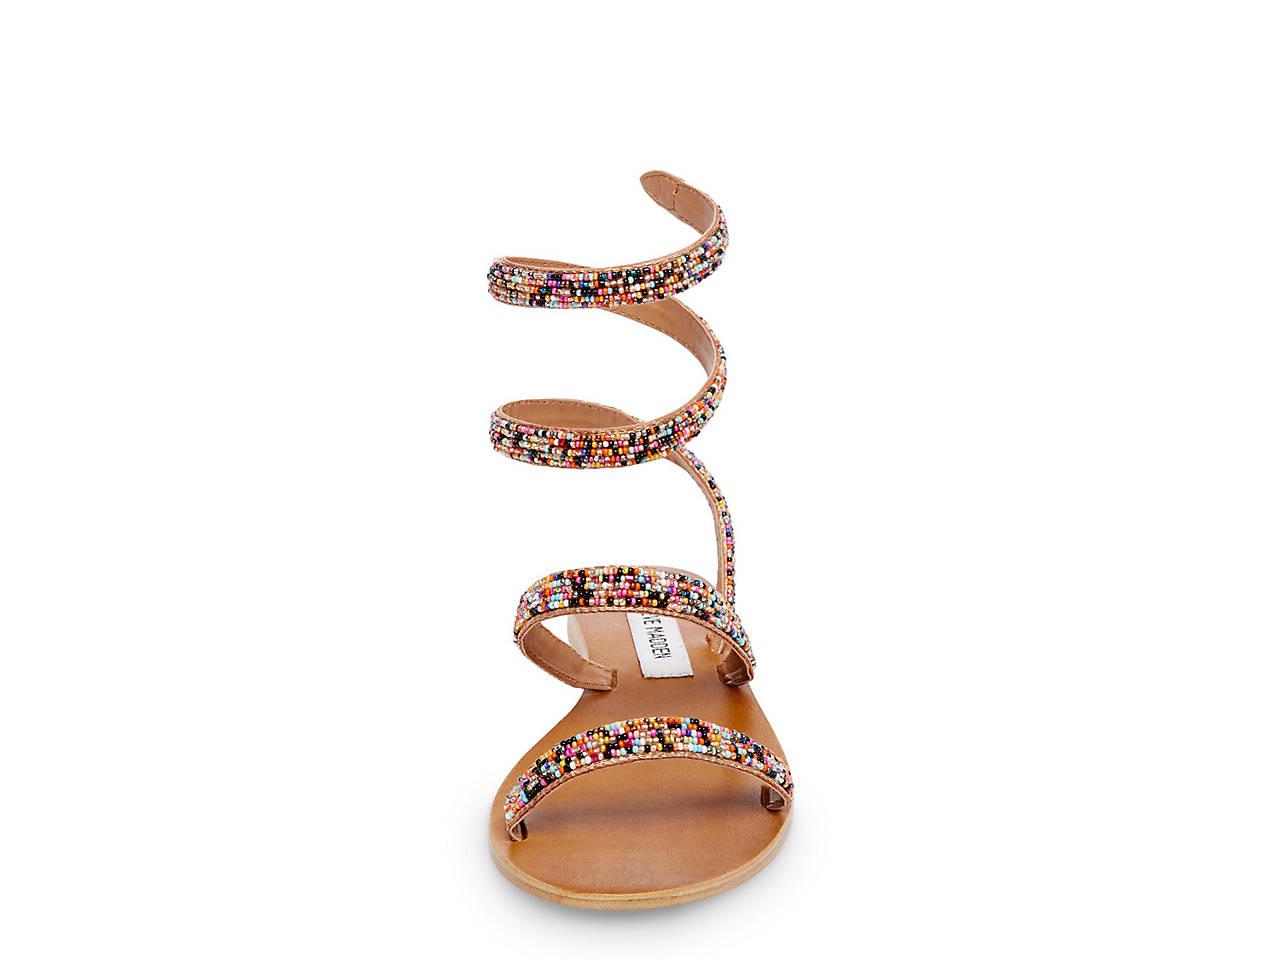 f199cd6c3 Steve Madden Garnish Sandal Women s Shoes